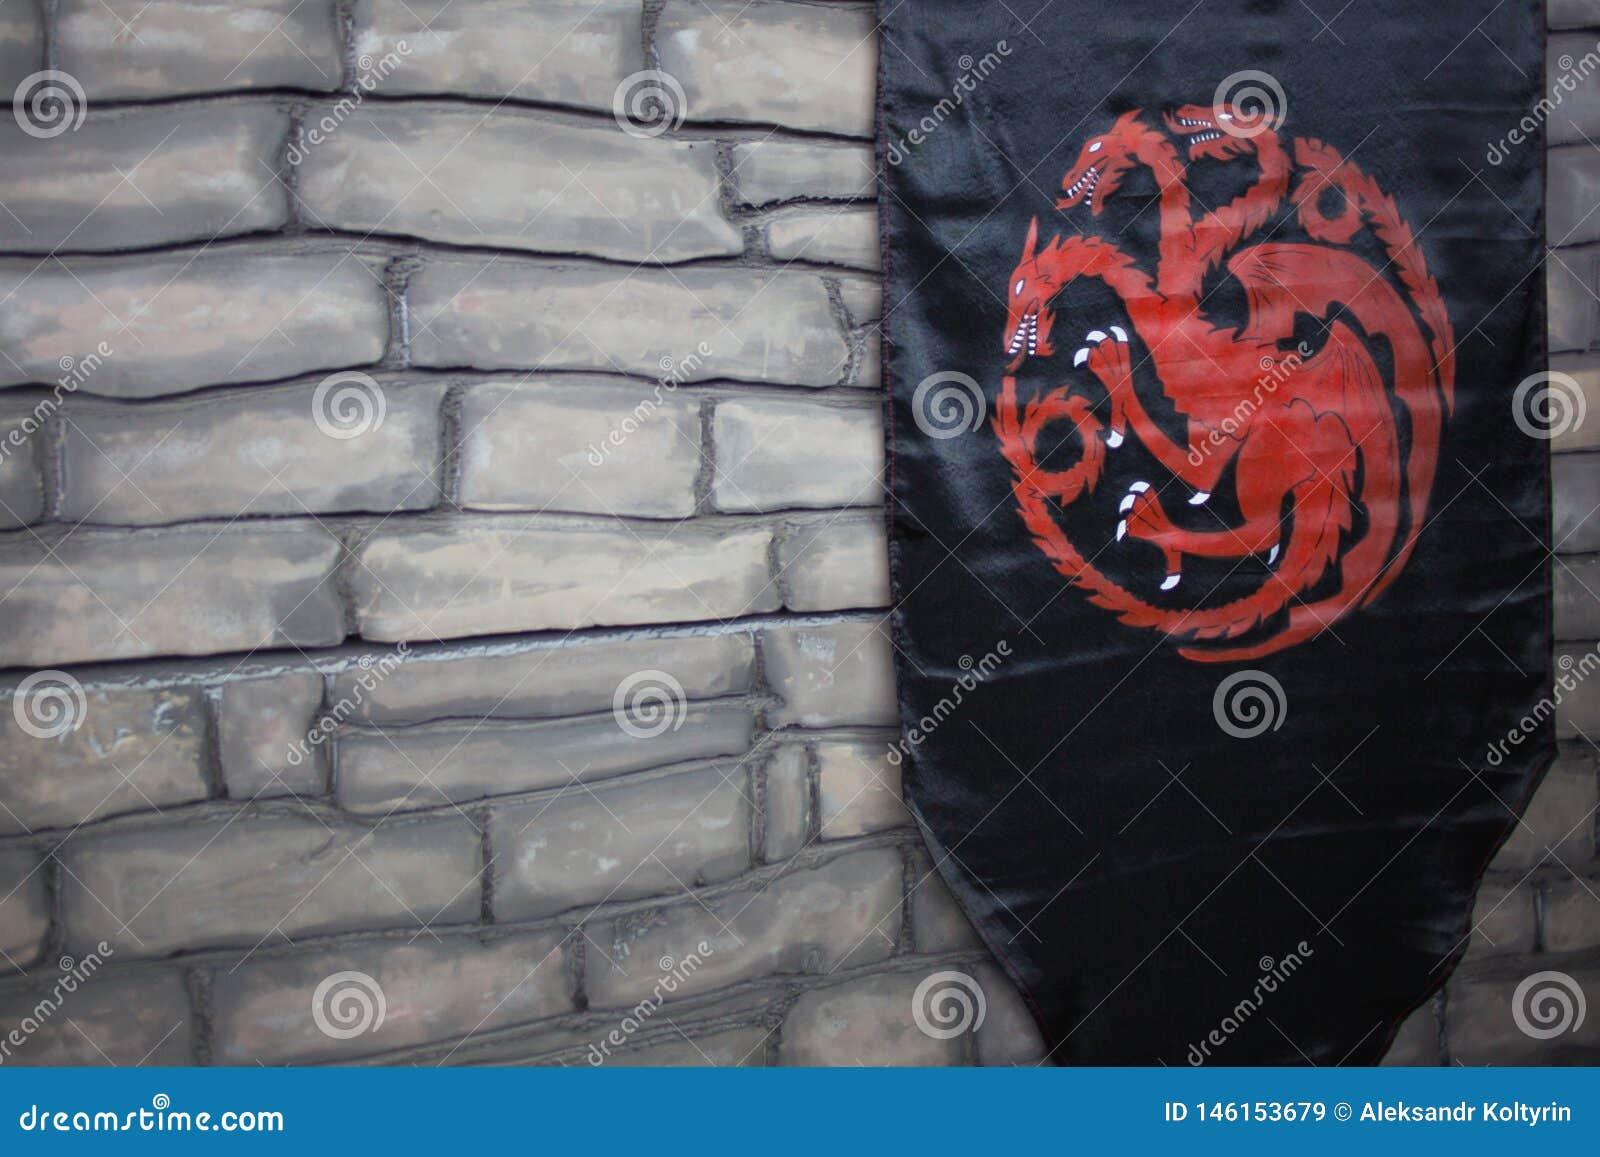 SAN PIETROBURGO, RUSSIA - 27 APRILE 2019: Gioco dei troni, bandiera con la casa di Targaryen